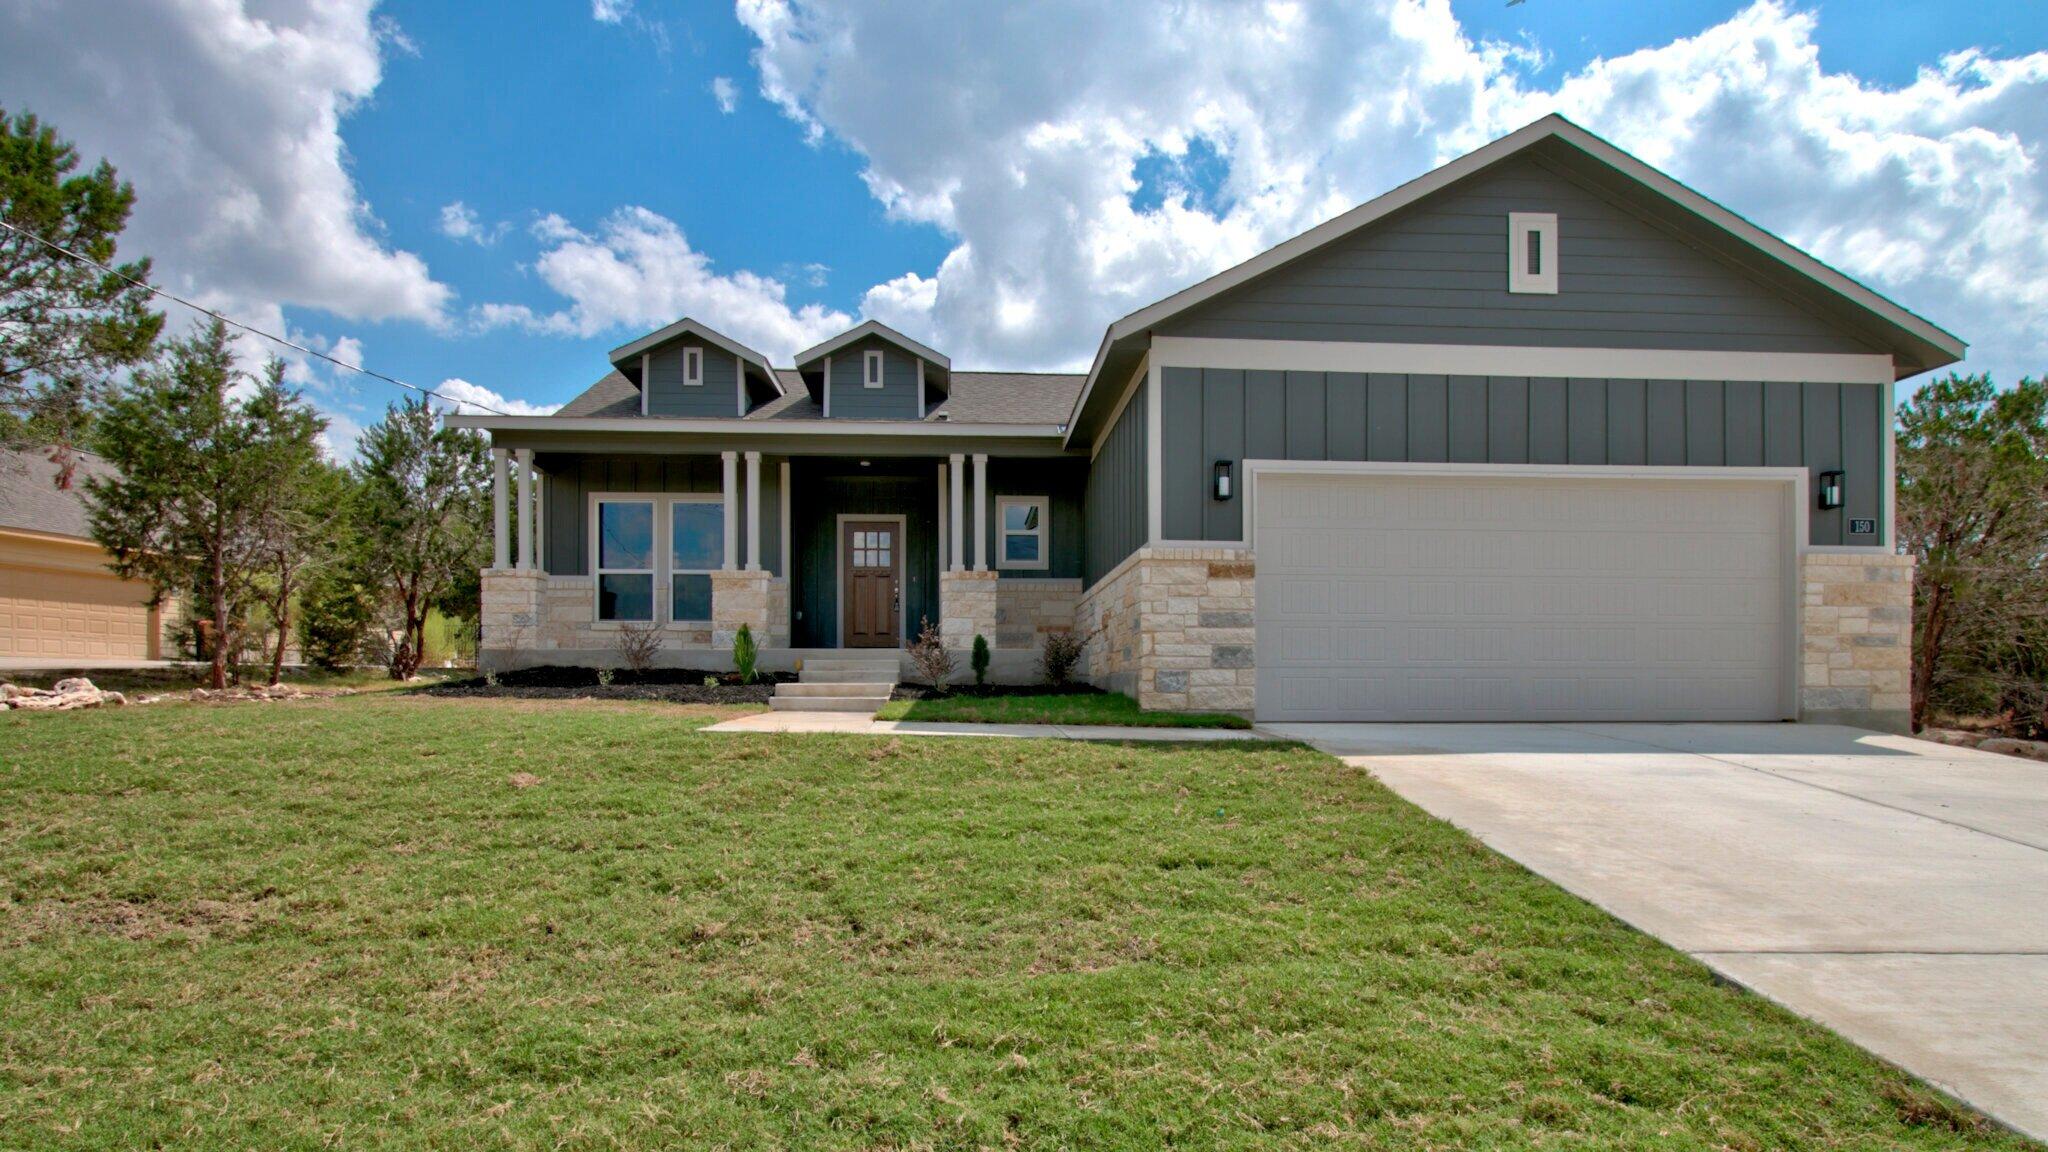 150 Kaleigh Way - Canyon Lake, TX 78133$290,900